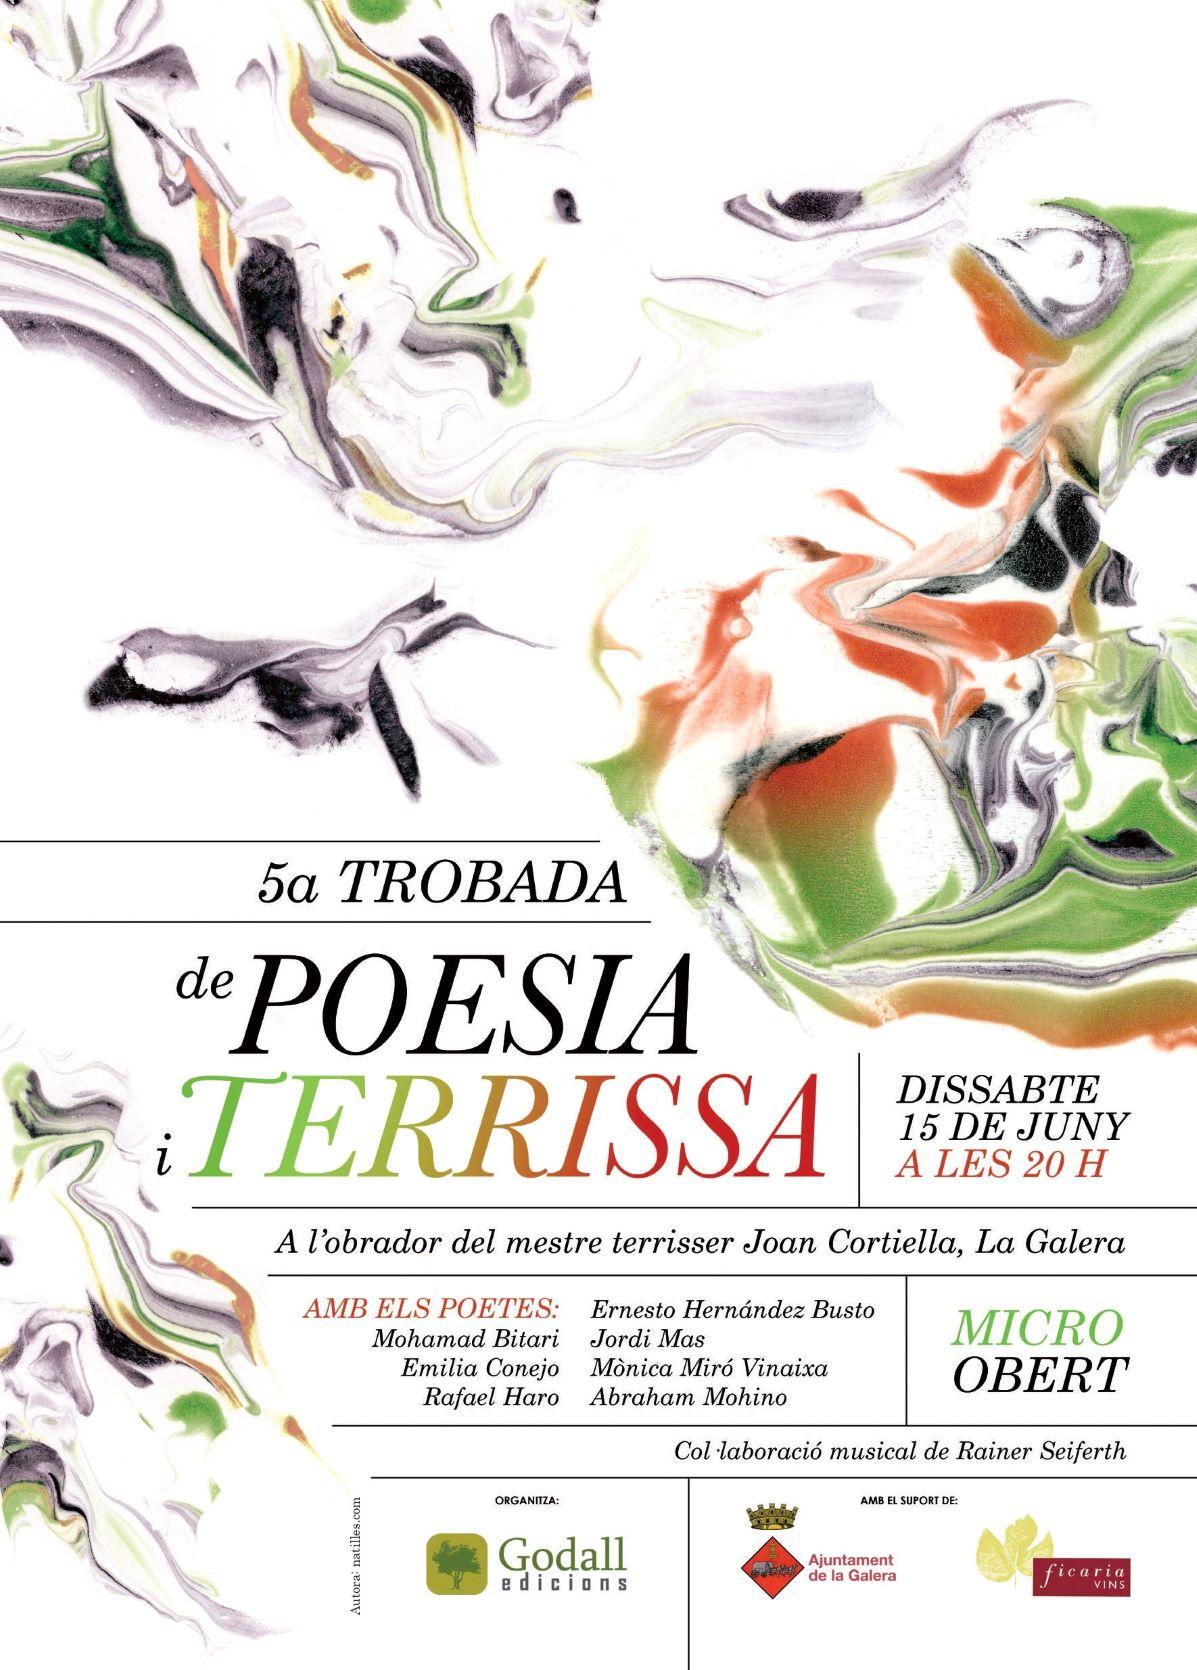 La Galera – 15 De Junio: V Encuentro De Poesía Y Alfarería